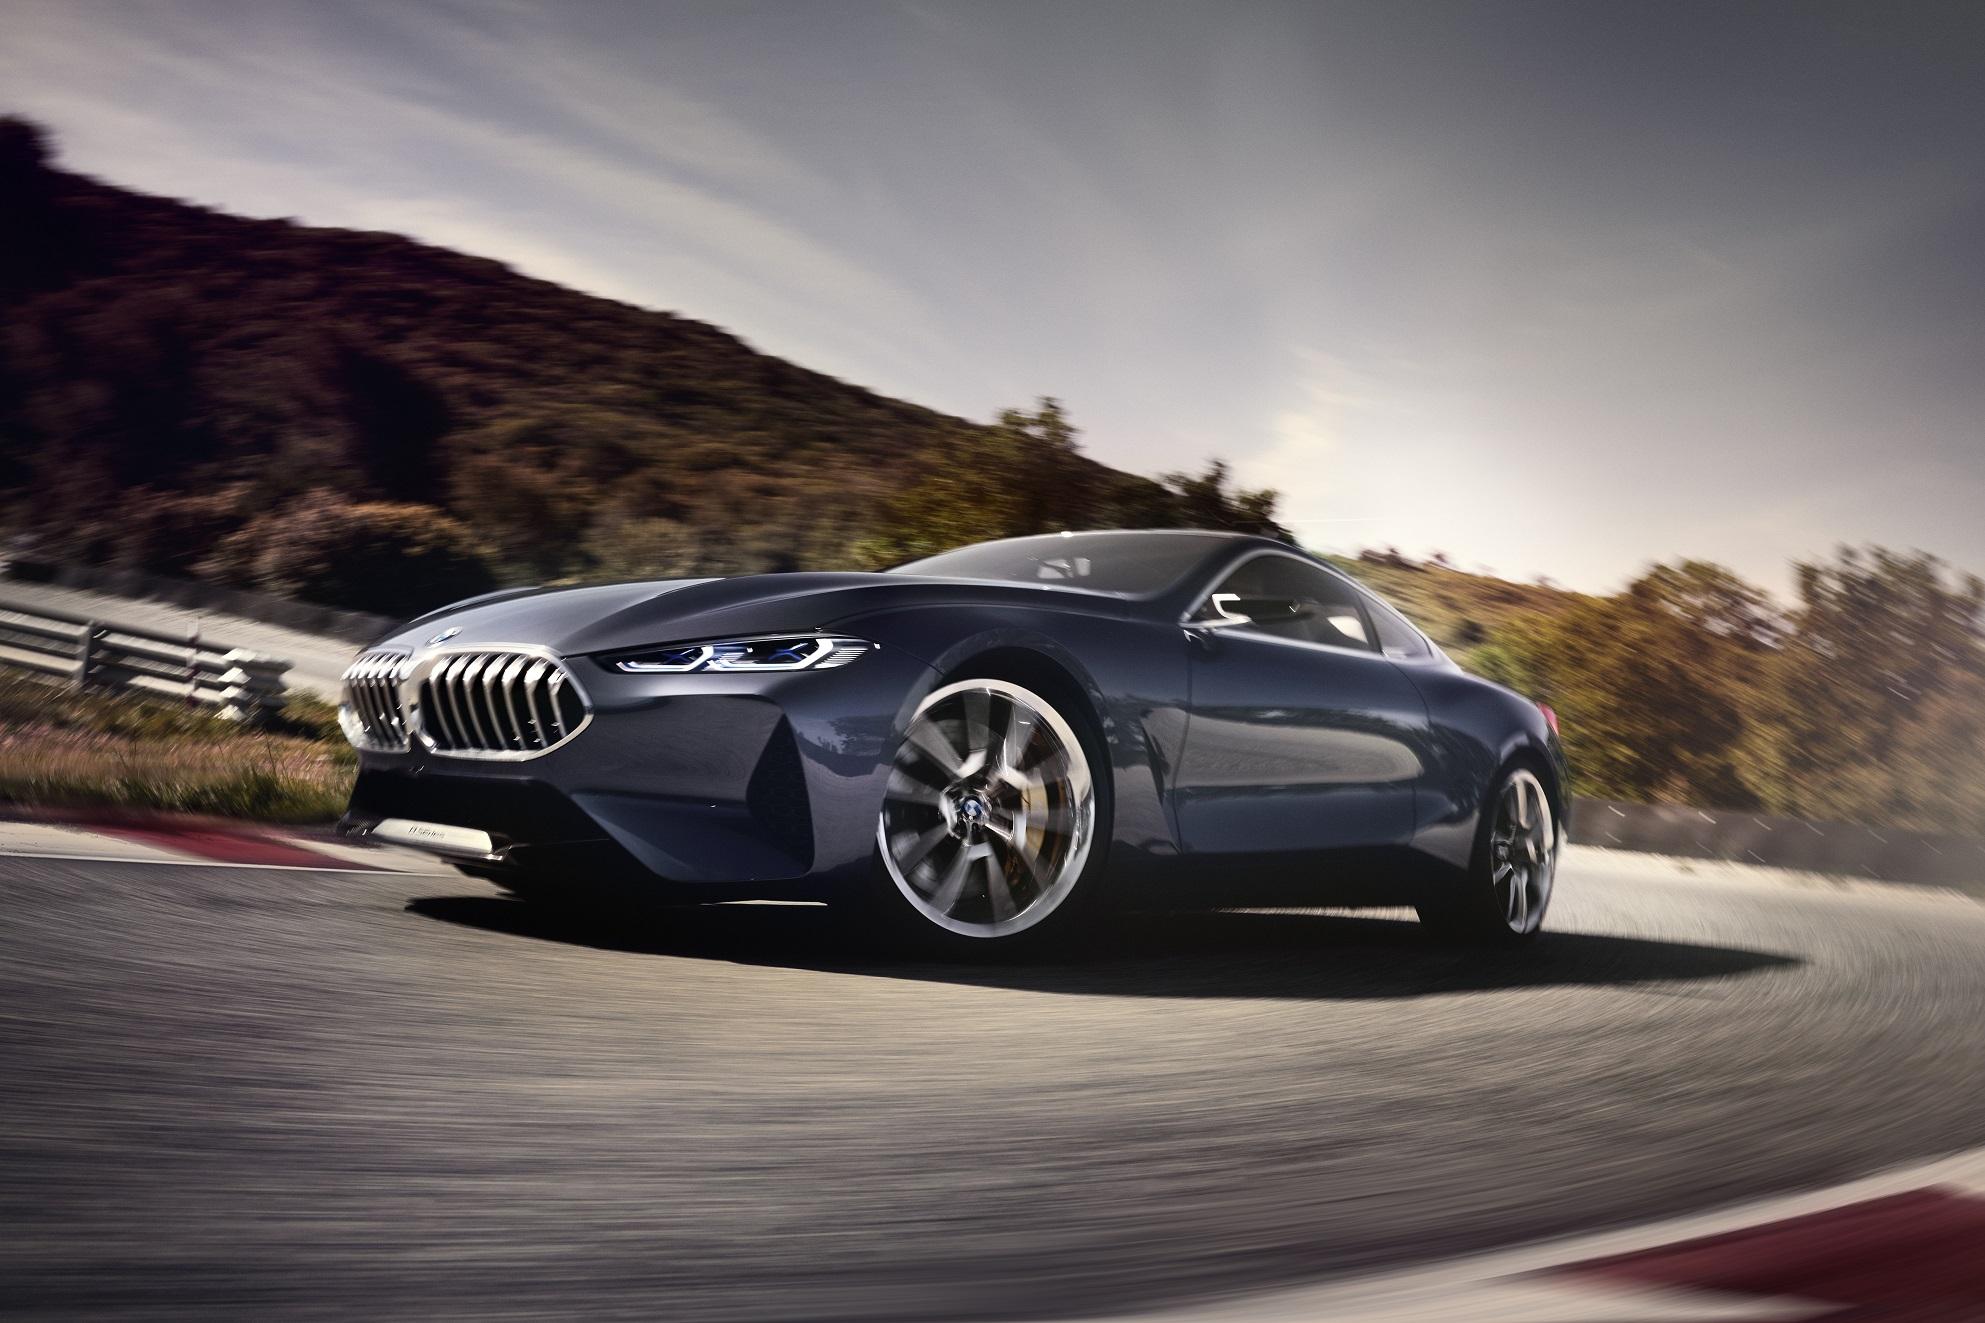 BMW8シリーズ コンセプトカーが正式に発表されました!気になるモデルバリエーションは?